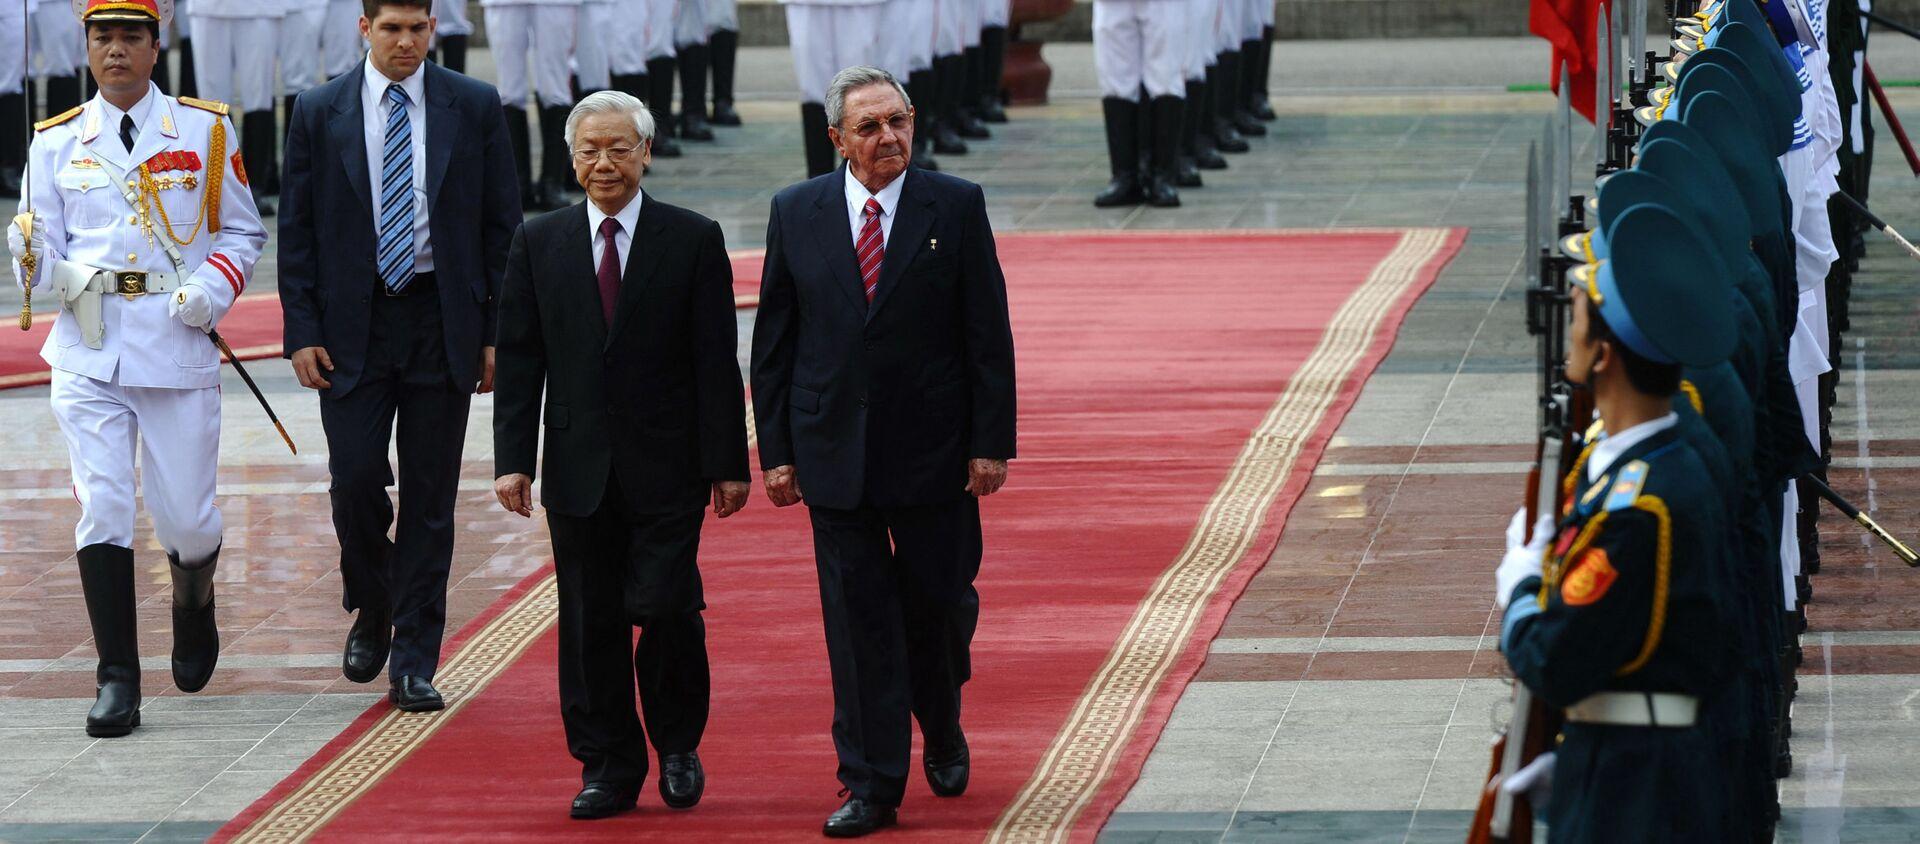 Bí thư thứ nhất Ban Chấp hành Trung ương Đảng Cộng sản Cuba (PCC) Raul Castro và Tổng Bí thư, Chủ tịch nước Nguyễn Phú Trọng - Sputnik Việt Nam, 1920, 10.02.2021